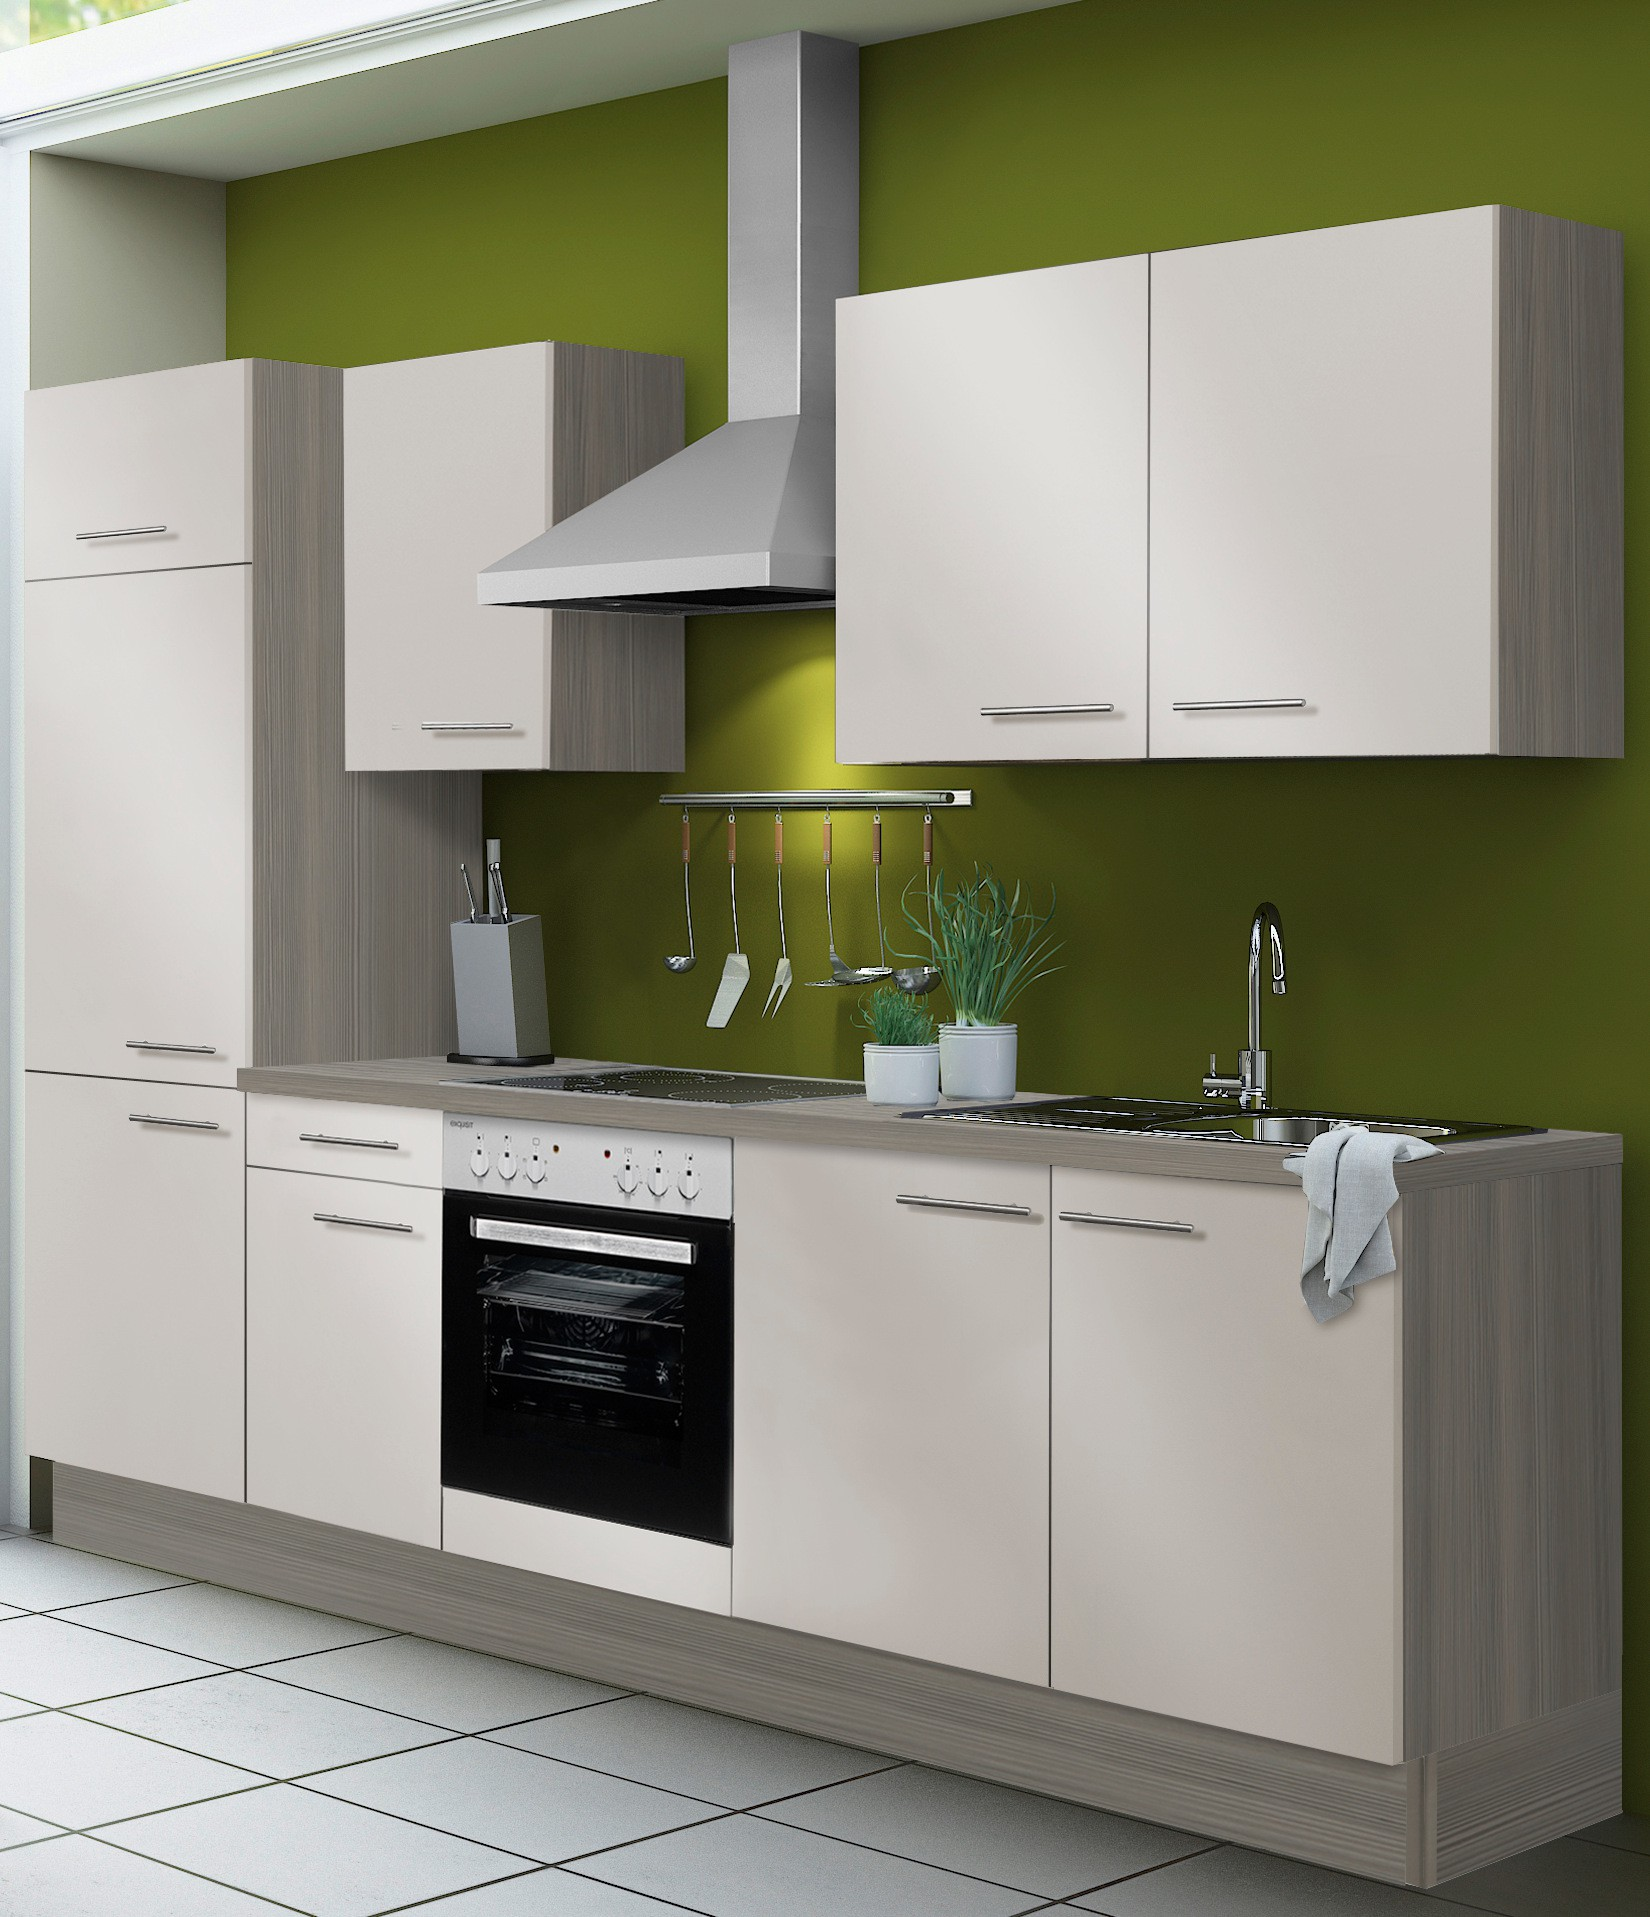 k chenzeile cadiz vario 2 1 k che mit e ger ten breite 270 cm beige k che k chenzeilen. Black Bedroom Furniture Sets. Home Design Ideas